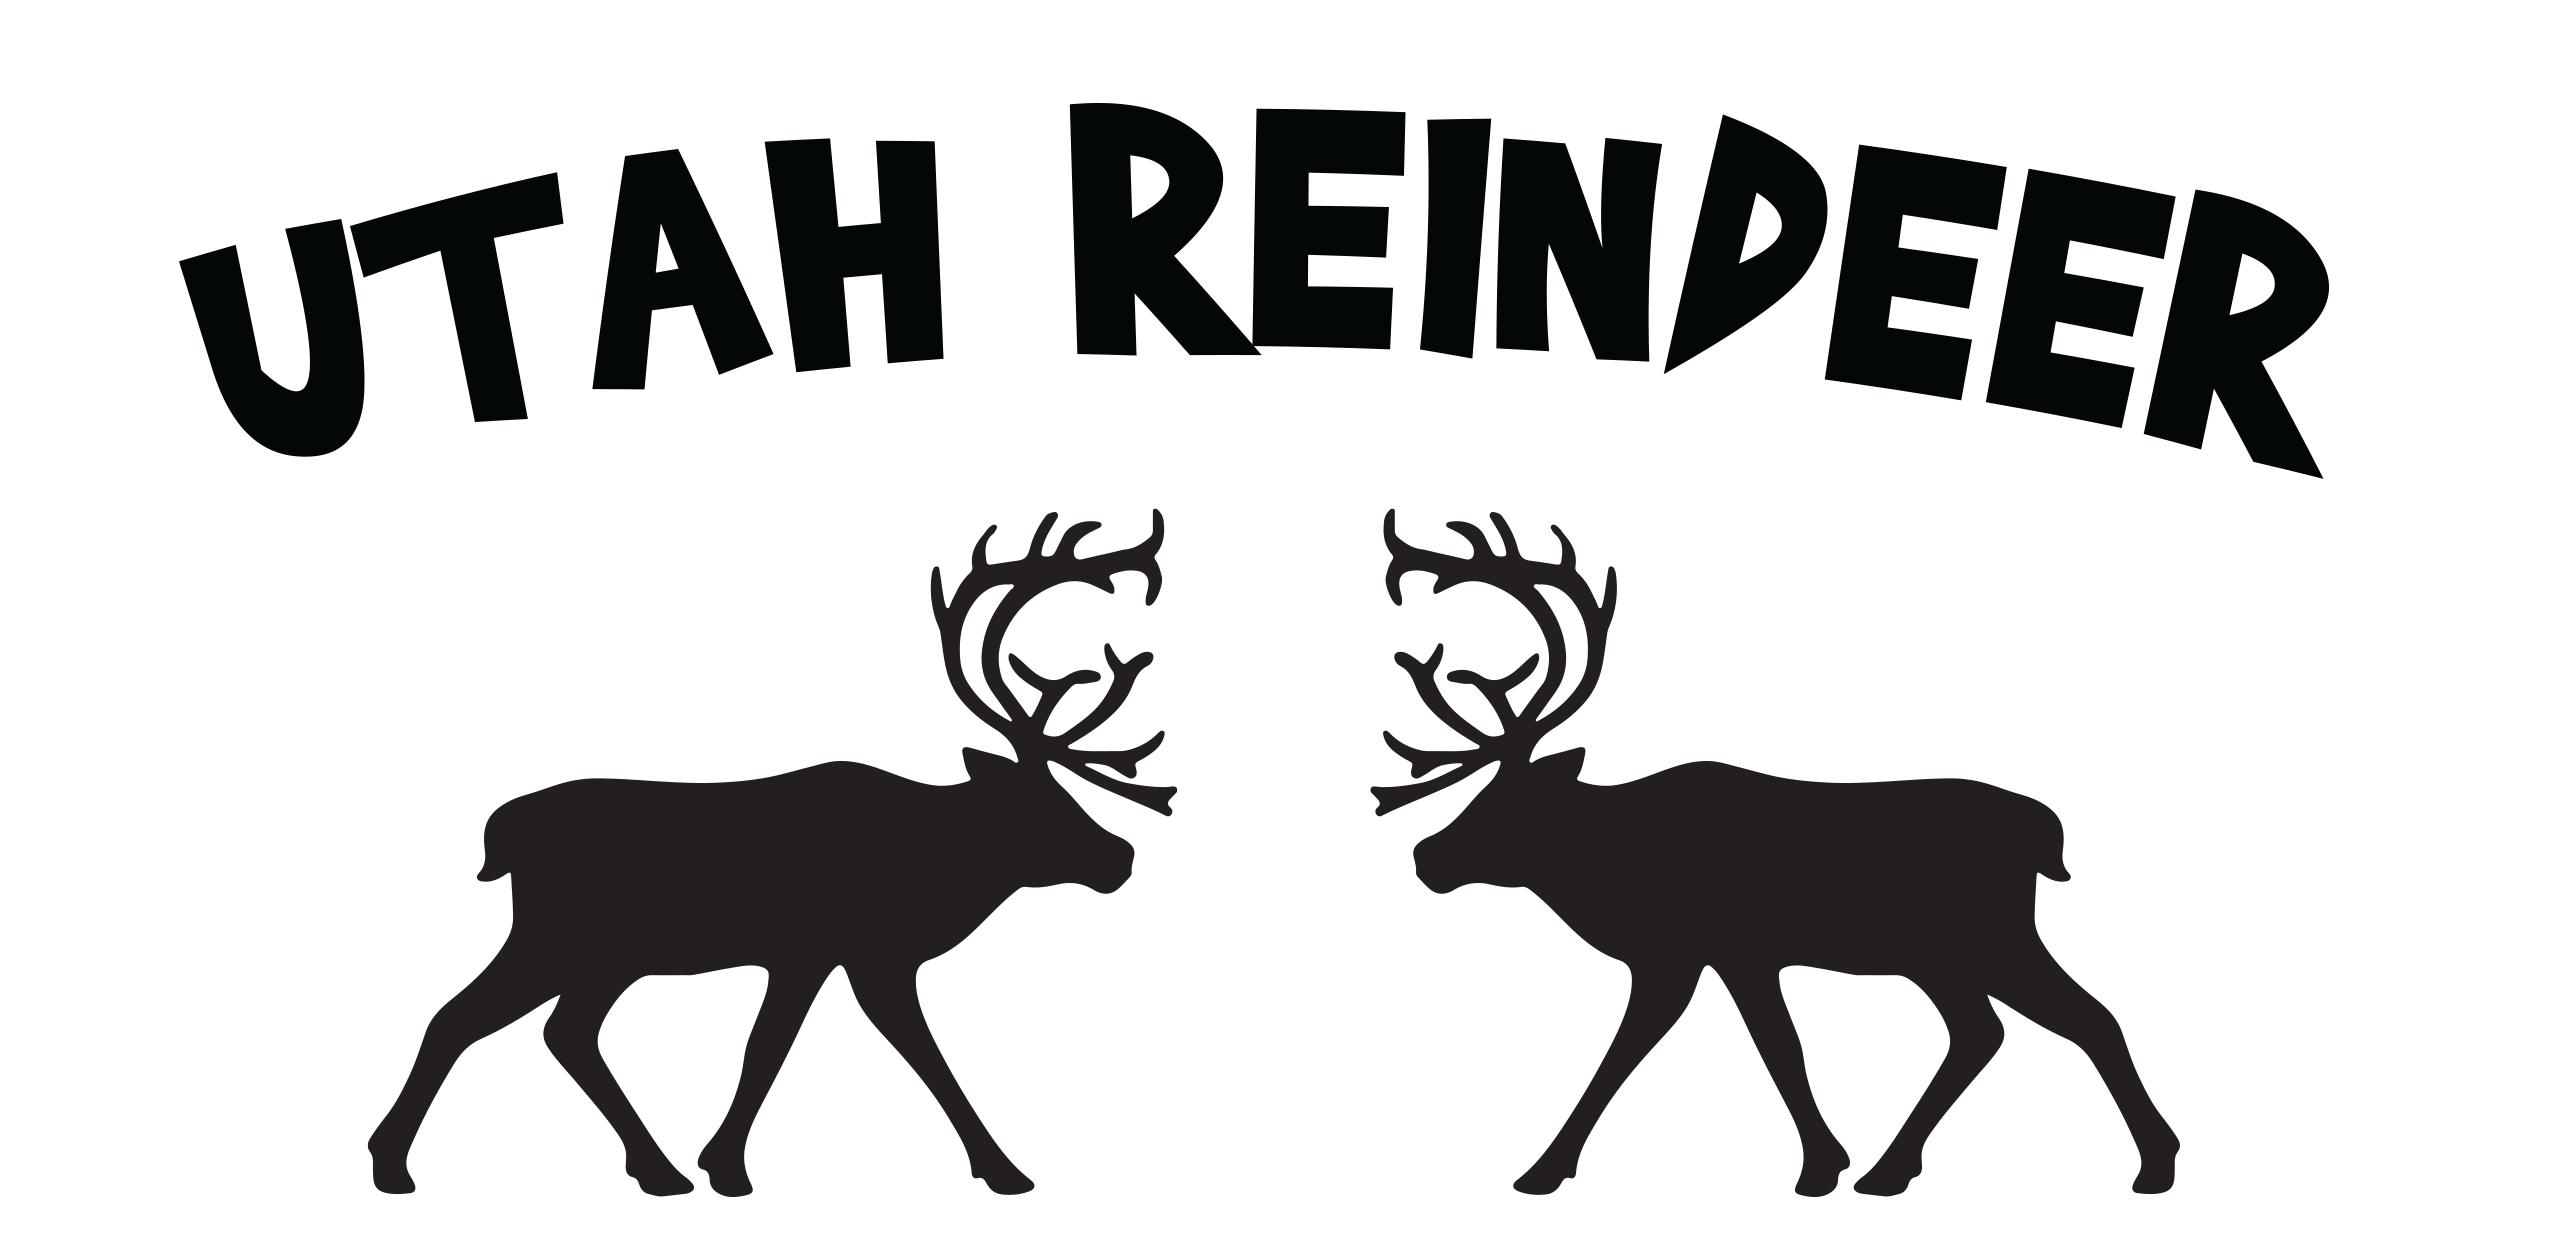 Utah Reindeer